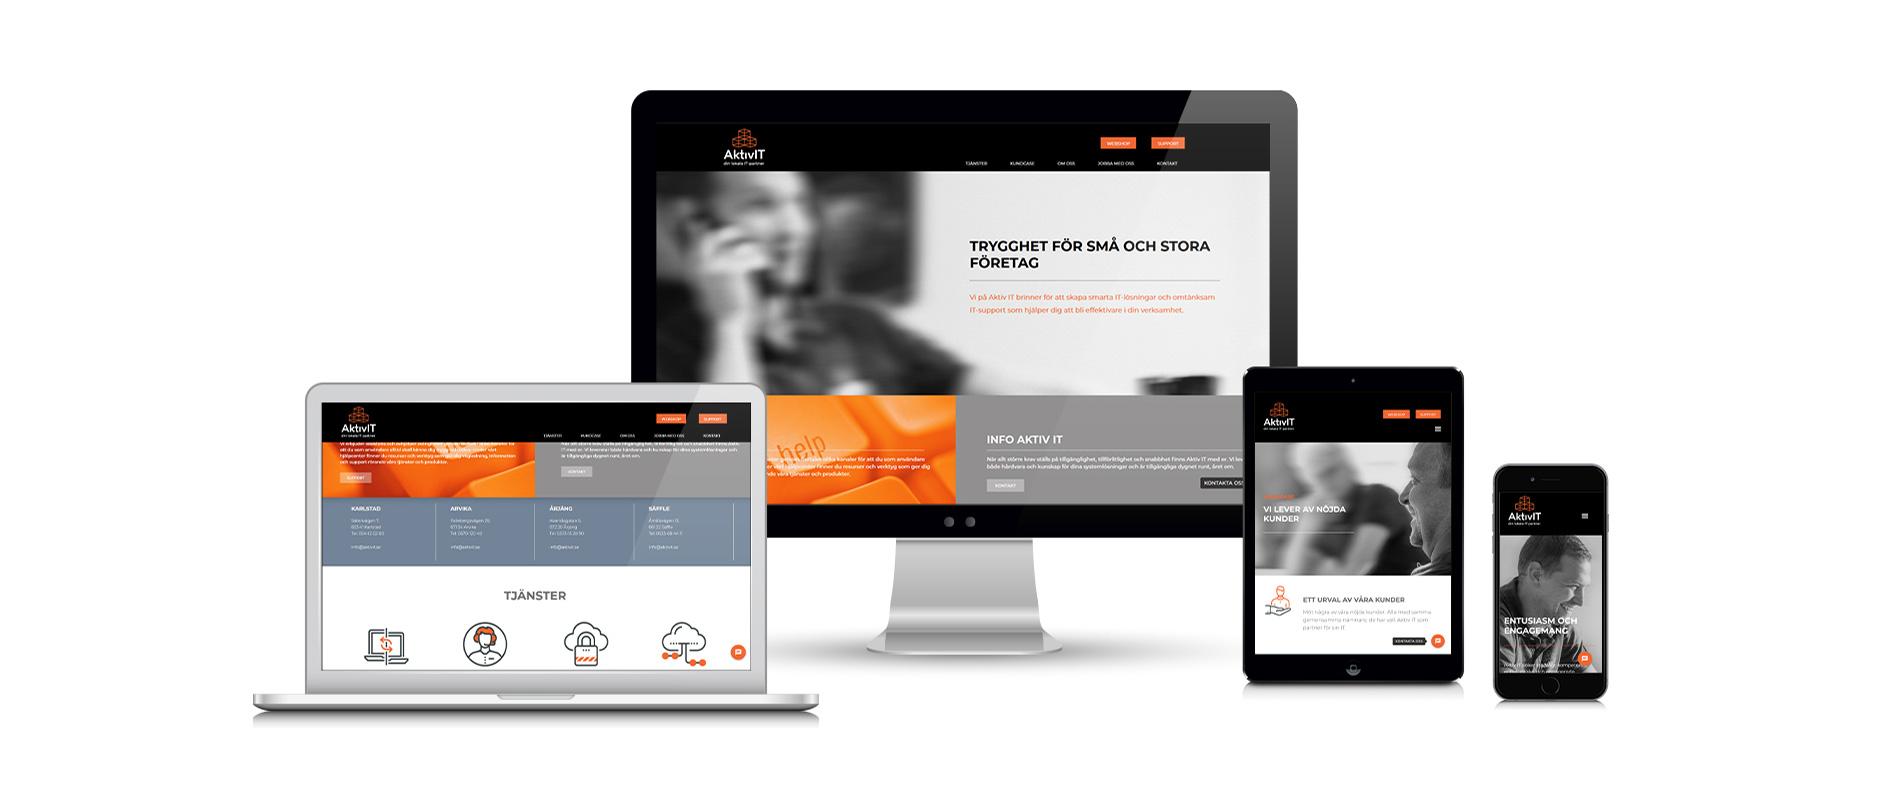 WebbdesignVi designar er webbplats och hjälper dig med marknadsföring online. Läs mer om vad vi kan erbjuda i Webb & digitalt. Se mer exempel i vår Portfolio